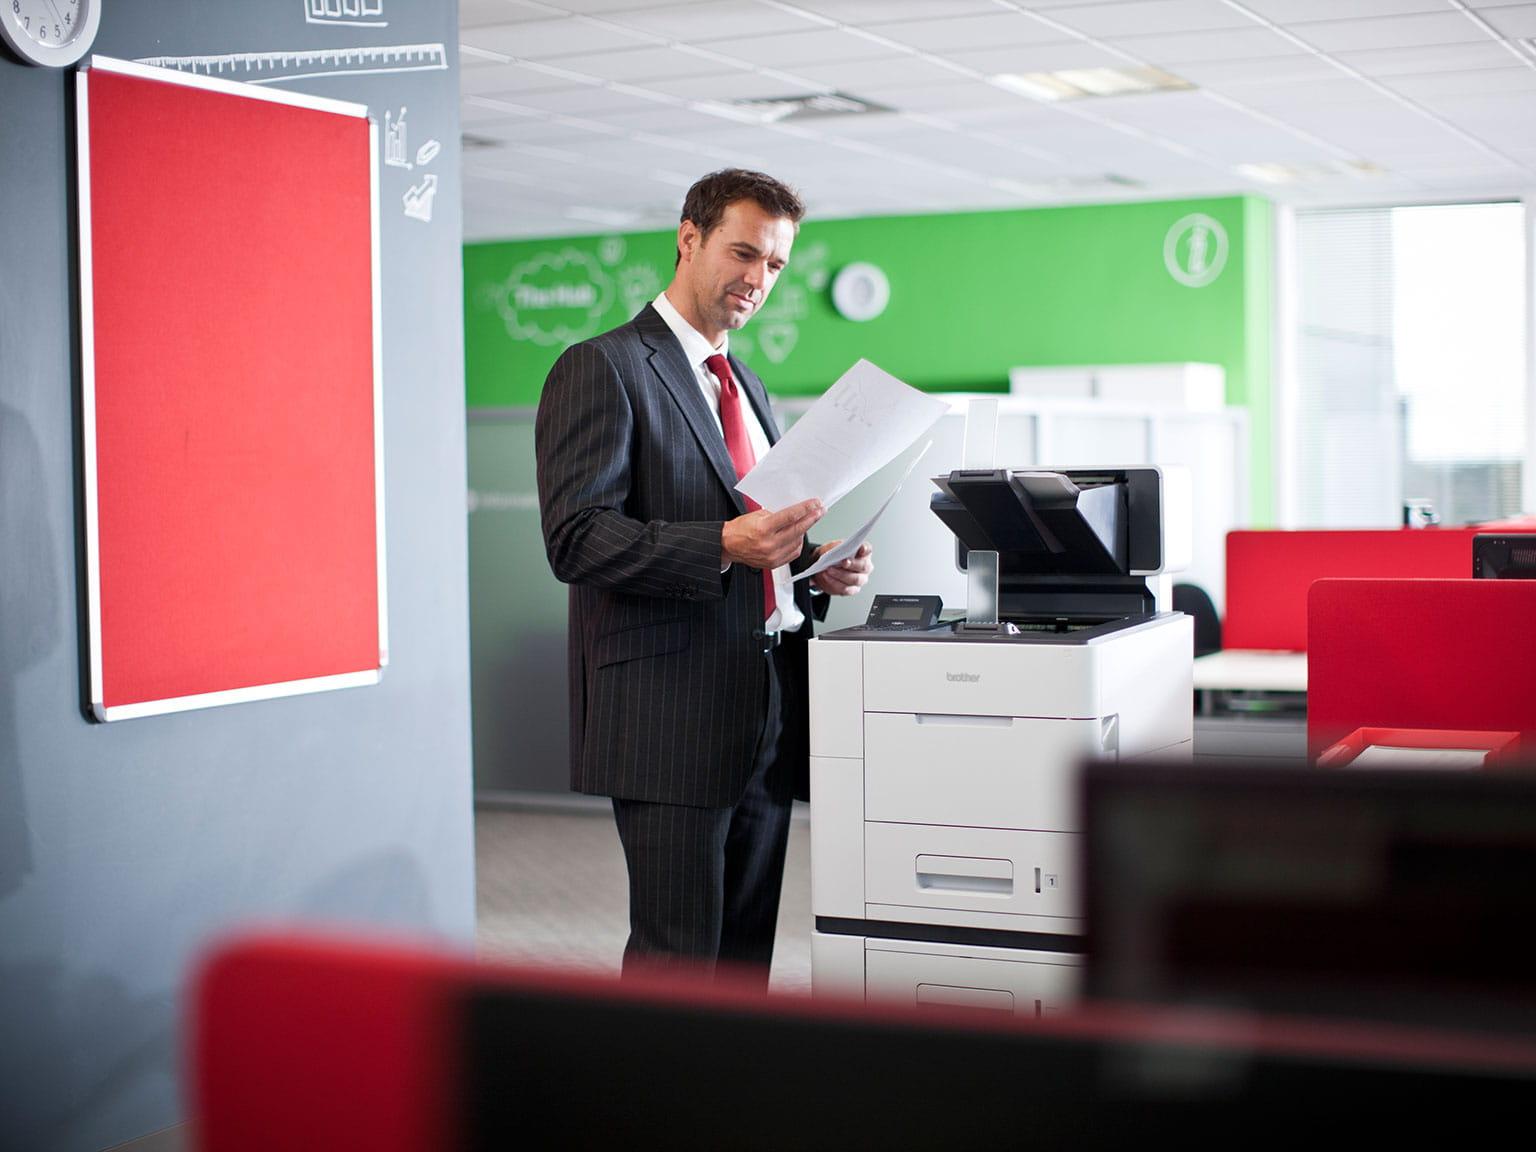 Контрол на печата и сигурността в офиса